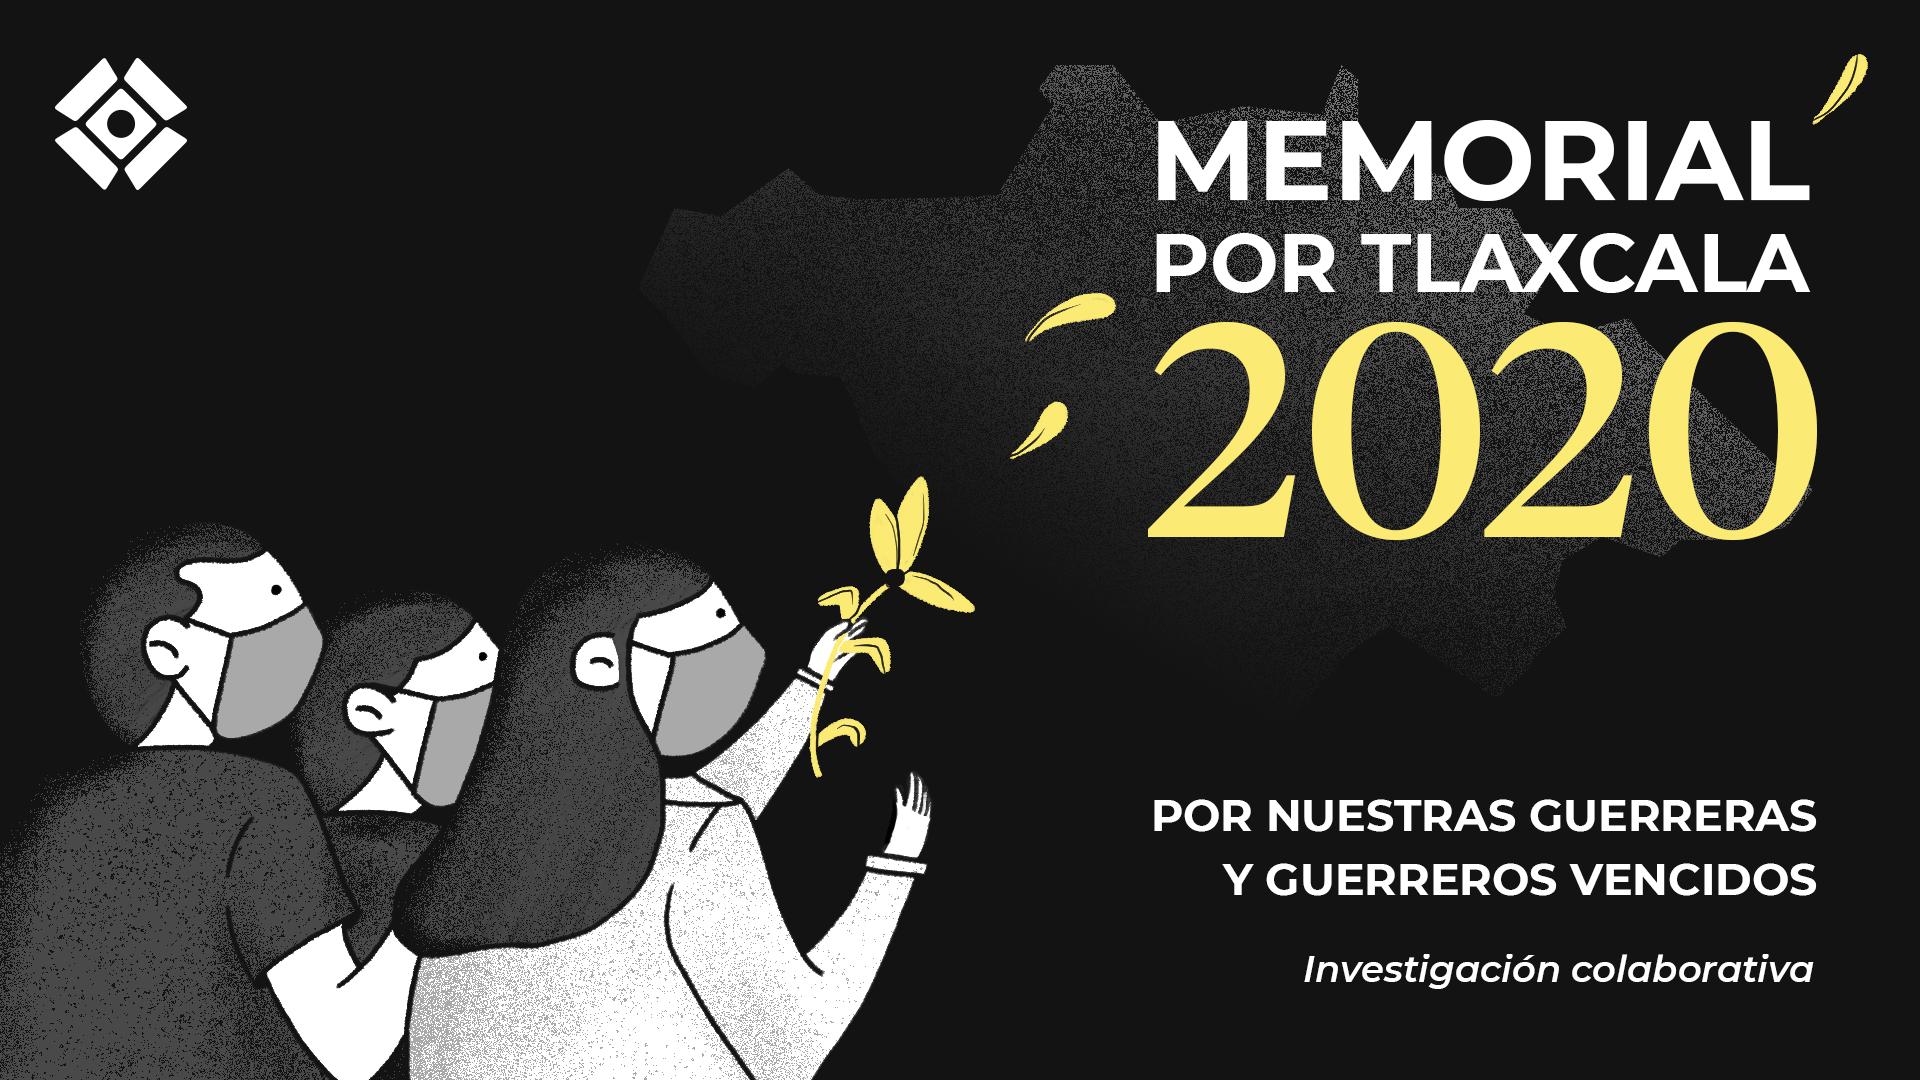 memorial 2020-Tlaxcala-Covid-19-Muertes-Fallecimientos-Transparencia-Mena-SESA-SAlud-Gobierno-México-Periodismo-Colaborativo